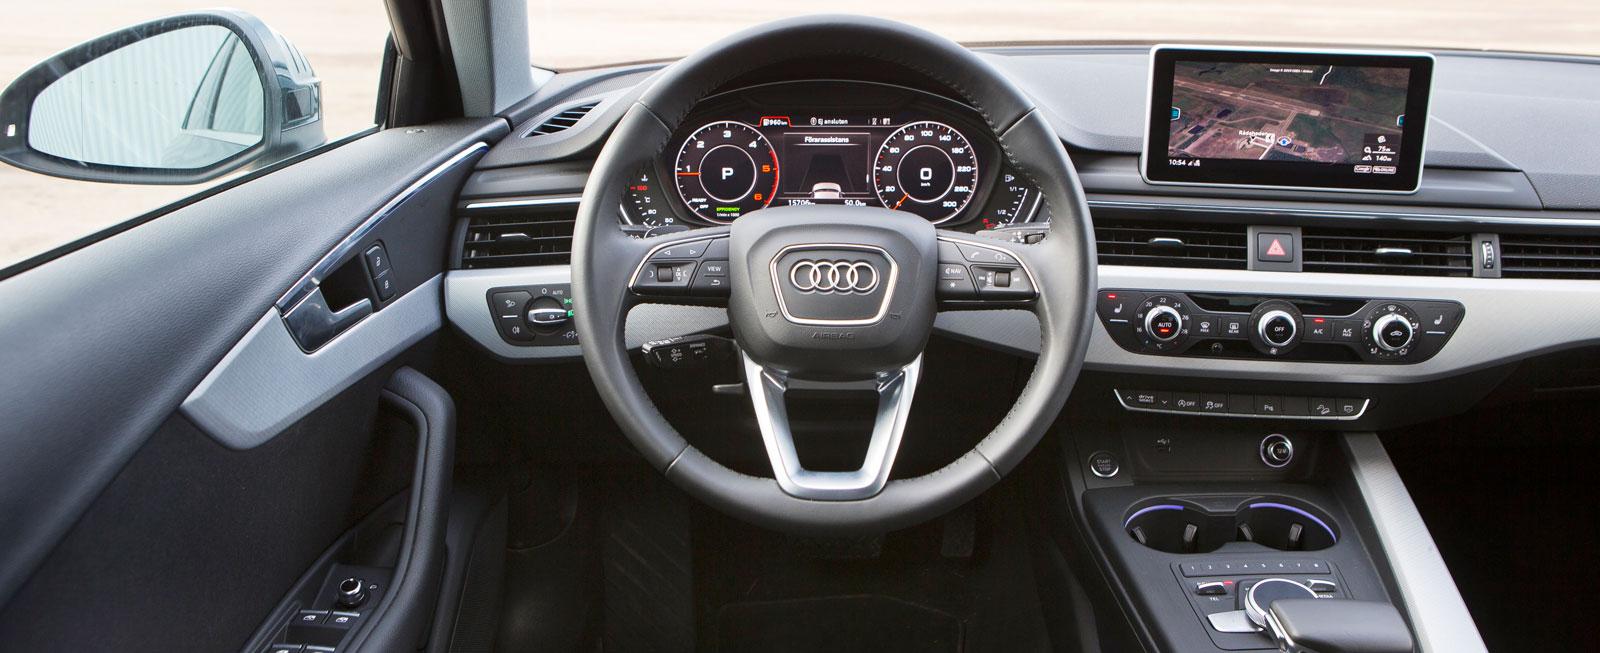 Oförskämt hög detaljfinish i Audin. Framstolarna är bra, men sittkomforten störs av att armstöden i dörrsidorna sitter för lågt.